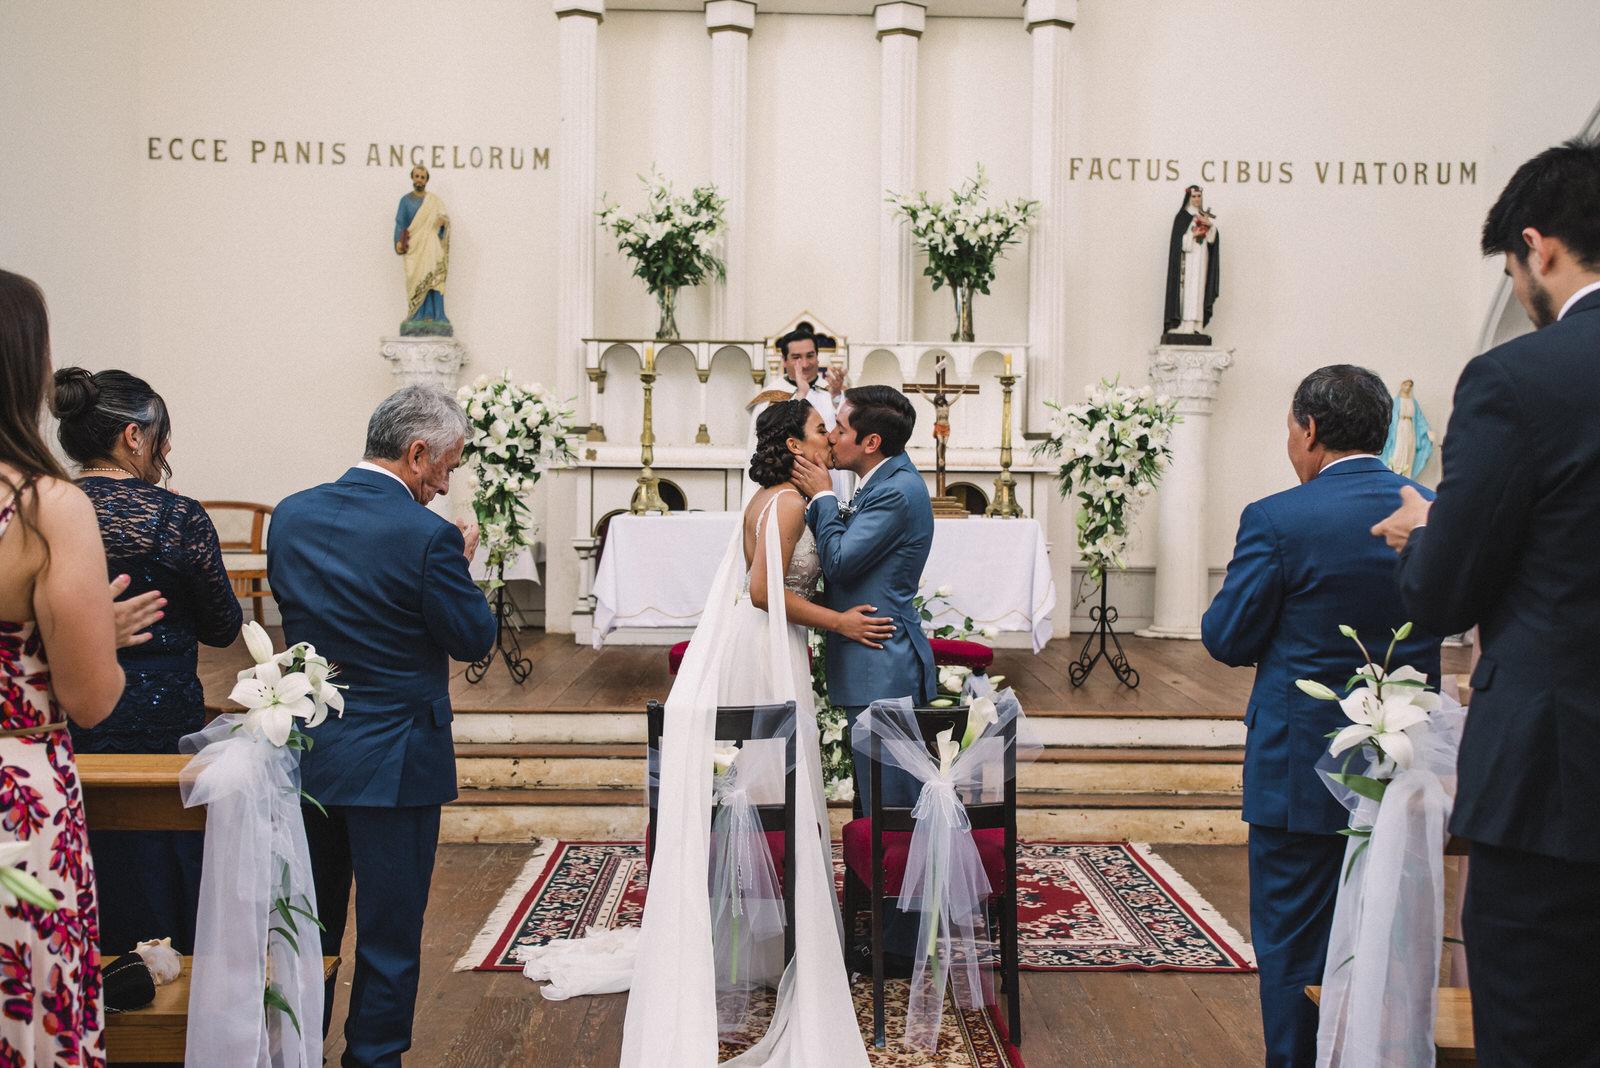 Edu & Romi - Matrimonio en Puerto Velero - Fotografía de Matrimonio por Ampersand Wedding Films